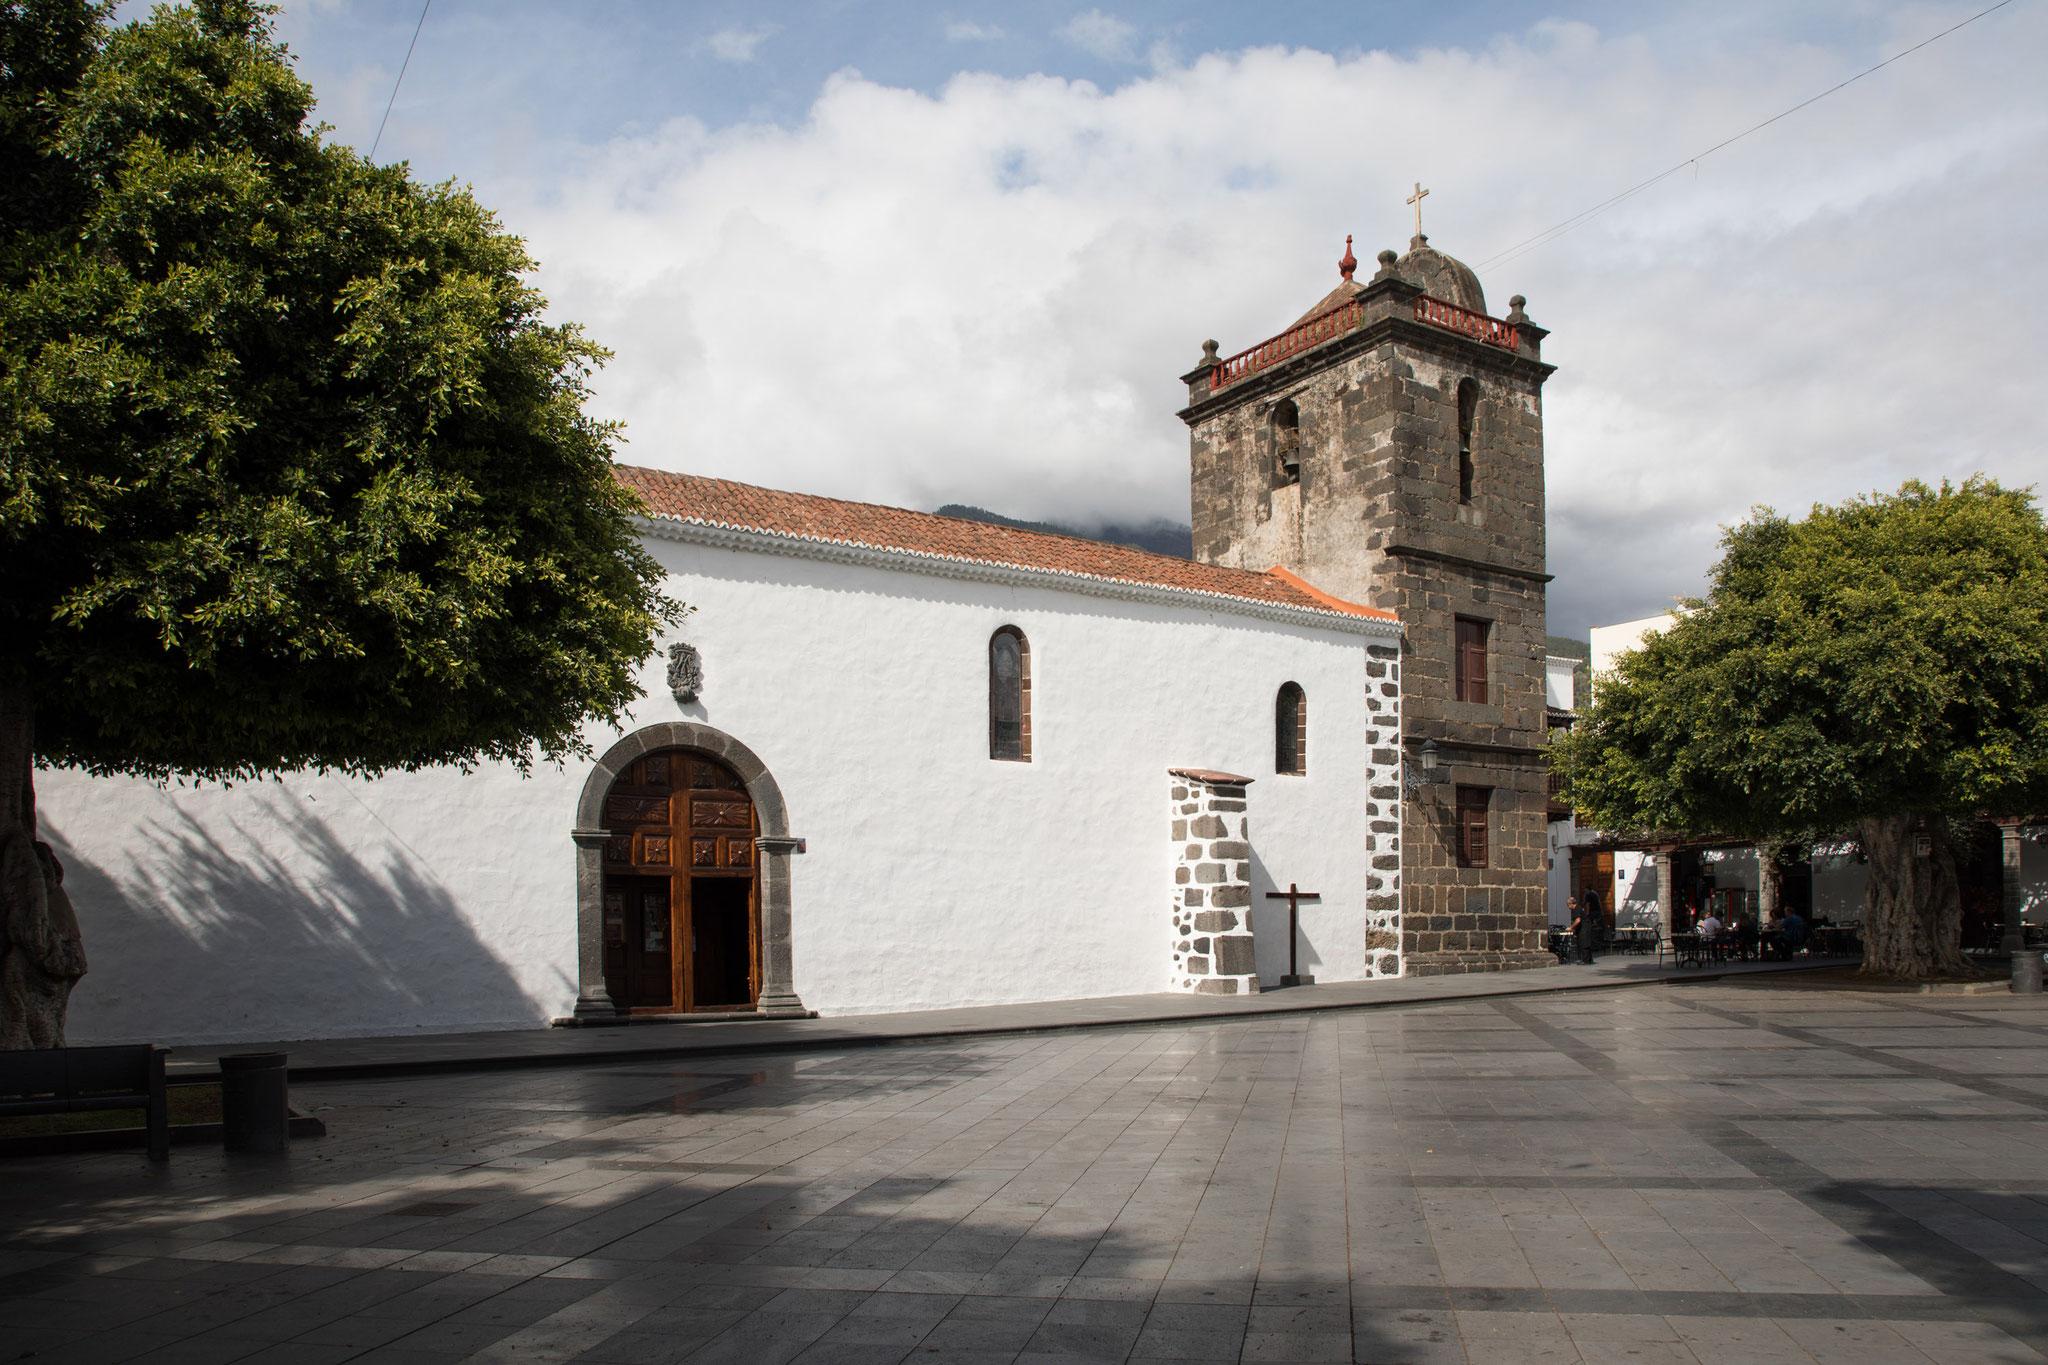 Los Llanos de Aridane - Iglesia Nuestra Senora de los Remedios auf der Plaza de Espana